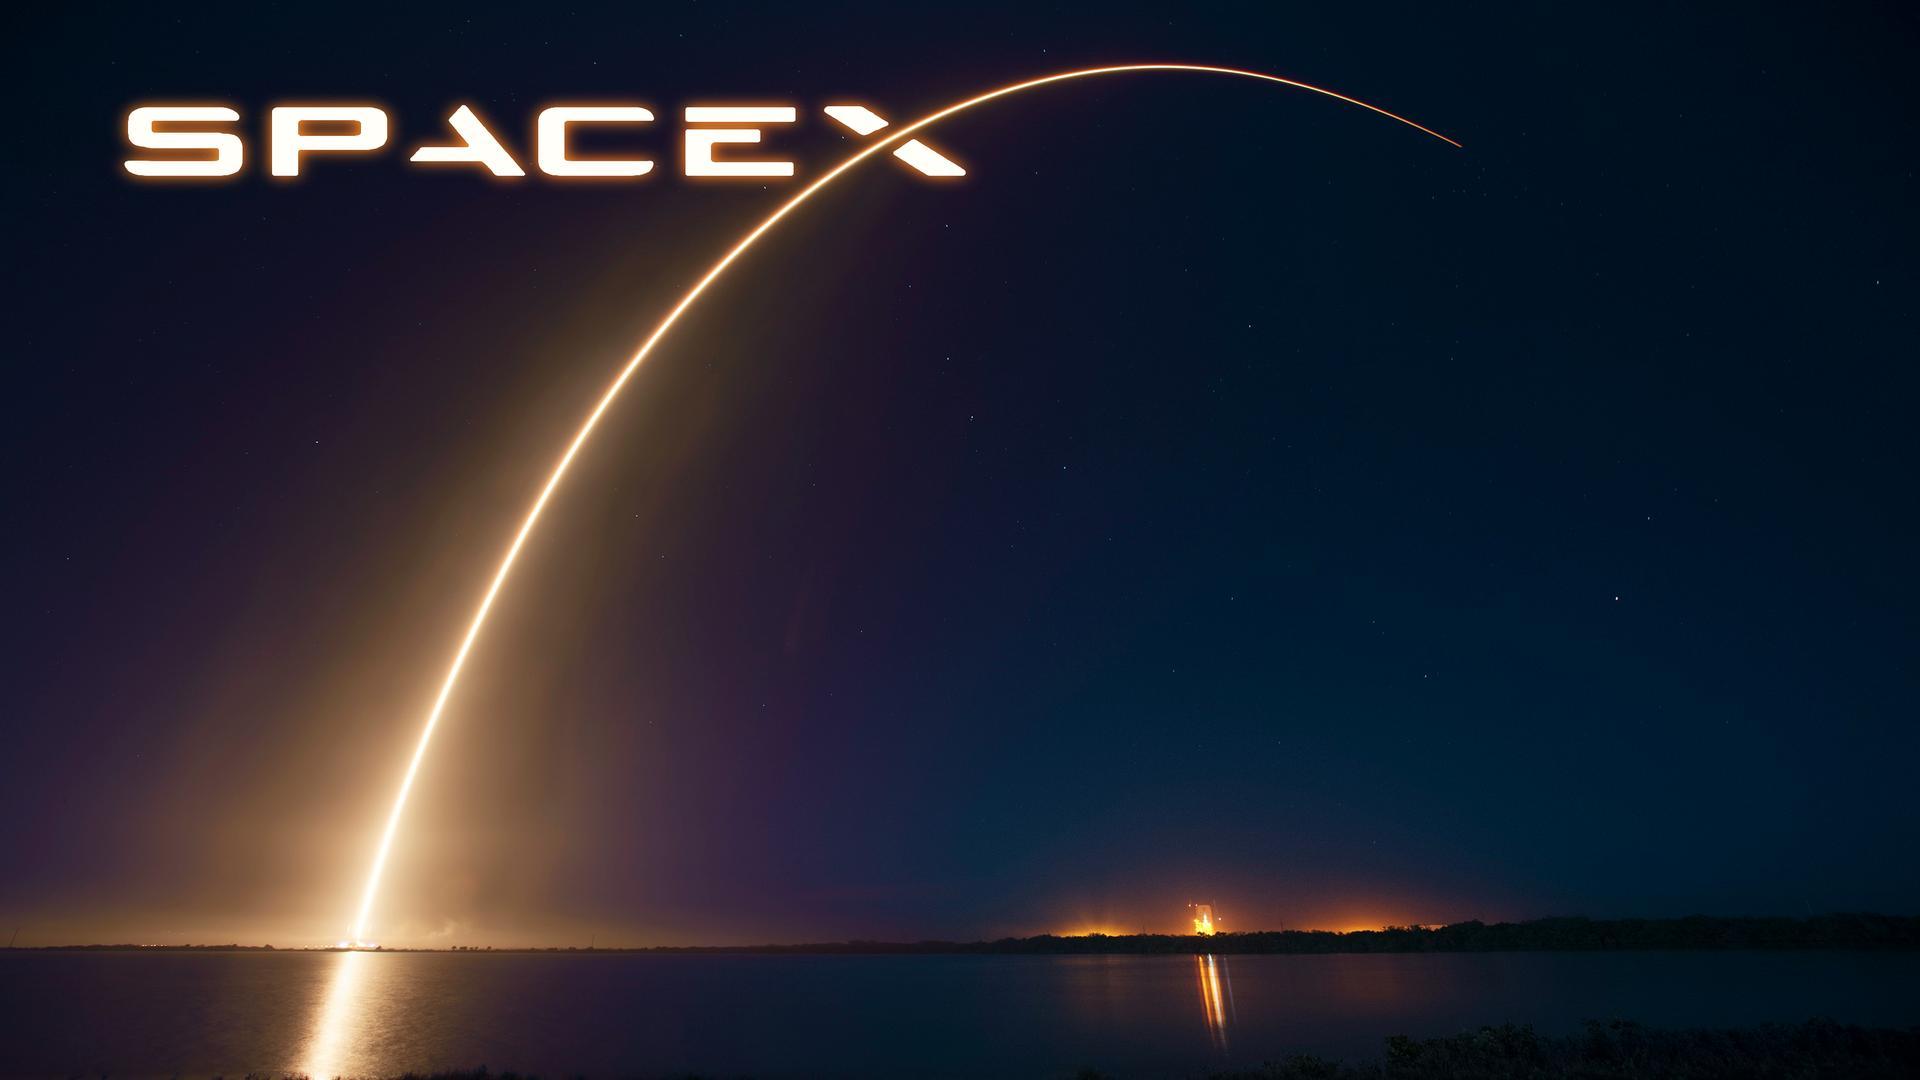 Илон Маск сообщил опланах Spacex испытать свертяжелую ракету кконцу лета